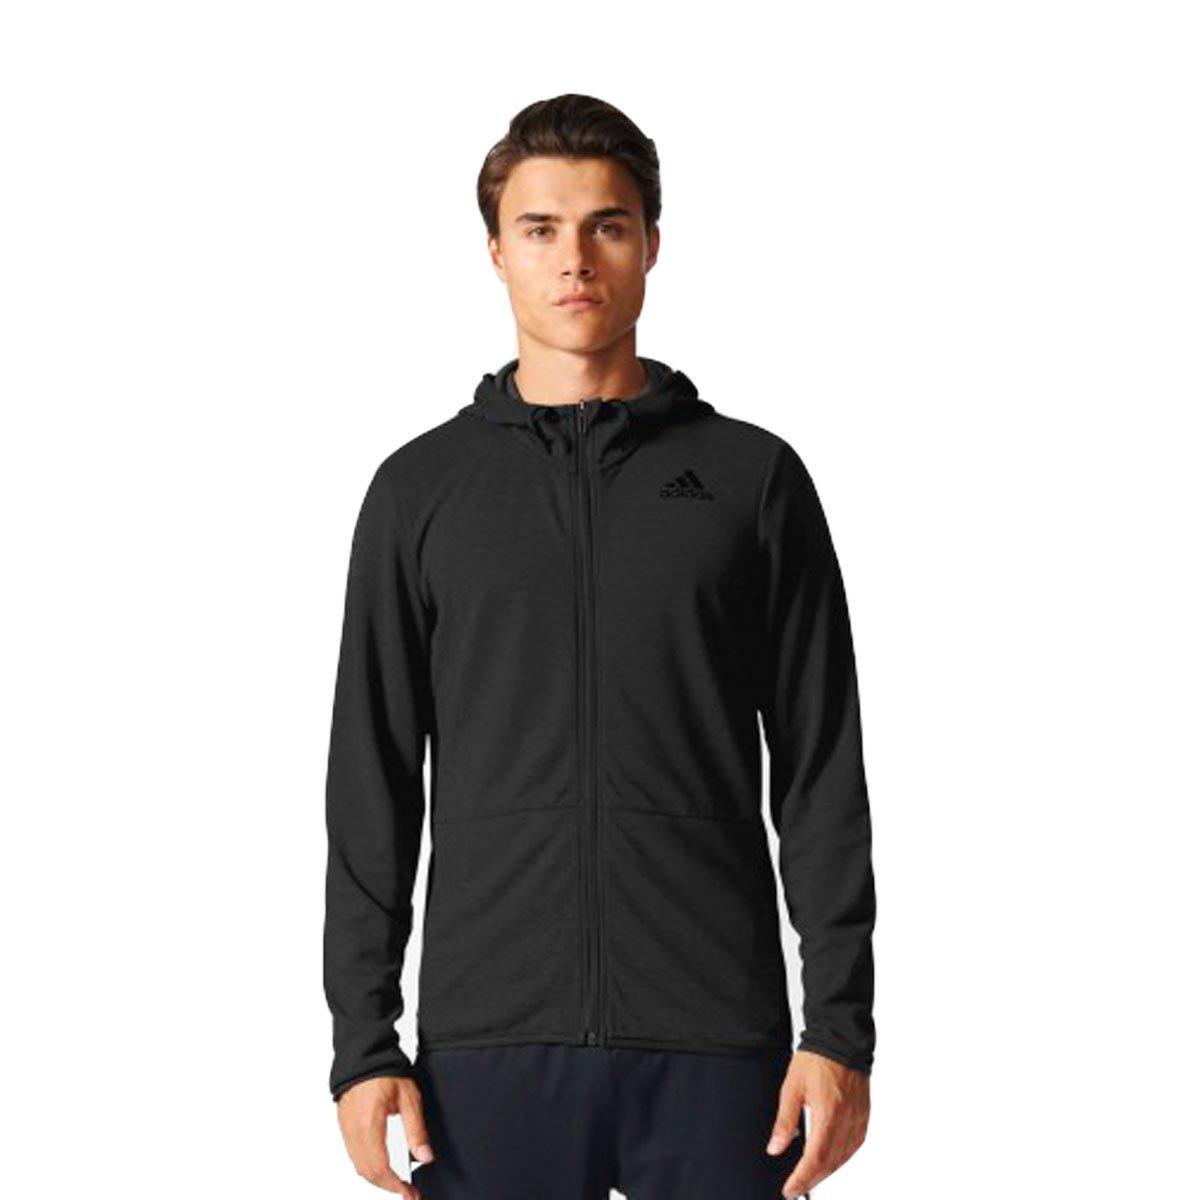 4af7e4e5d66 Bizz Store - Jaqueta Masculina Adidas Work FZ Climacool Preta